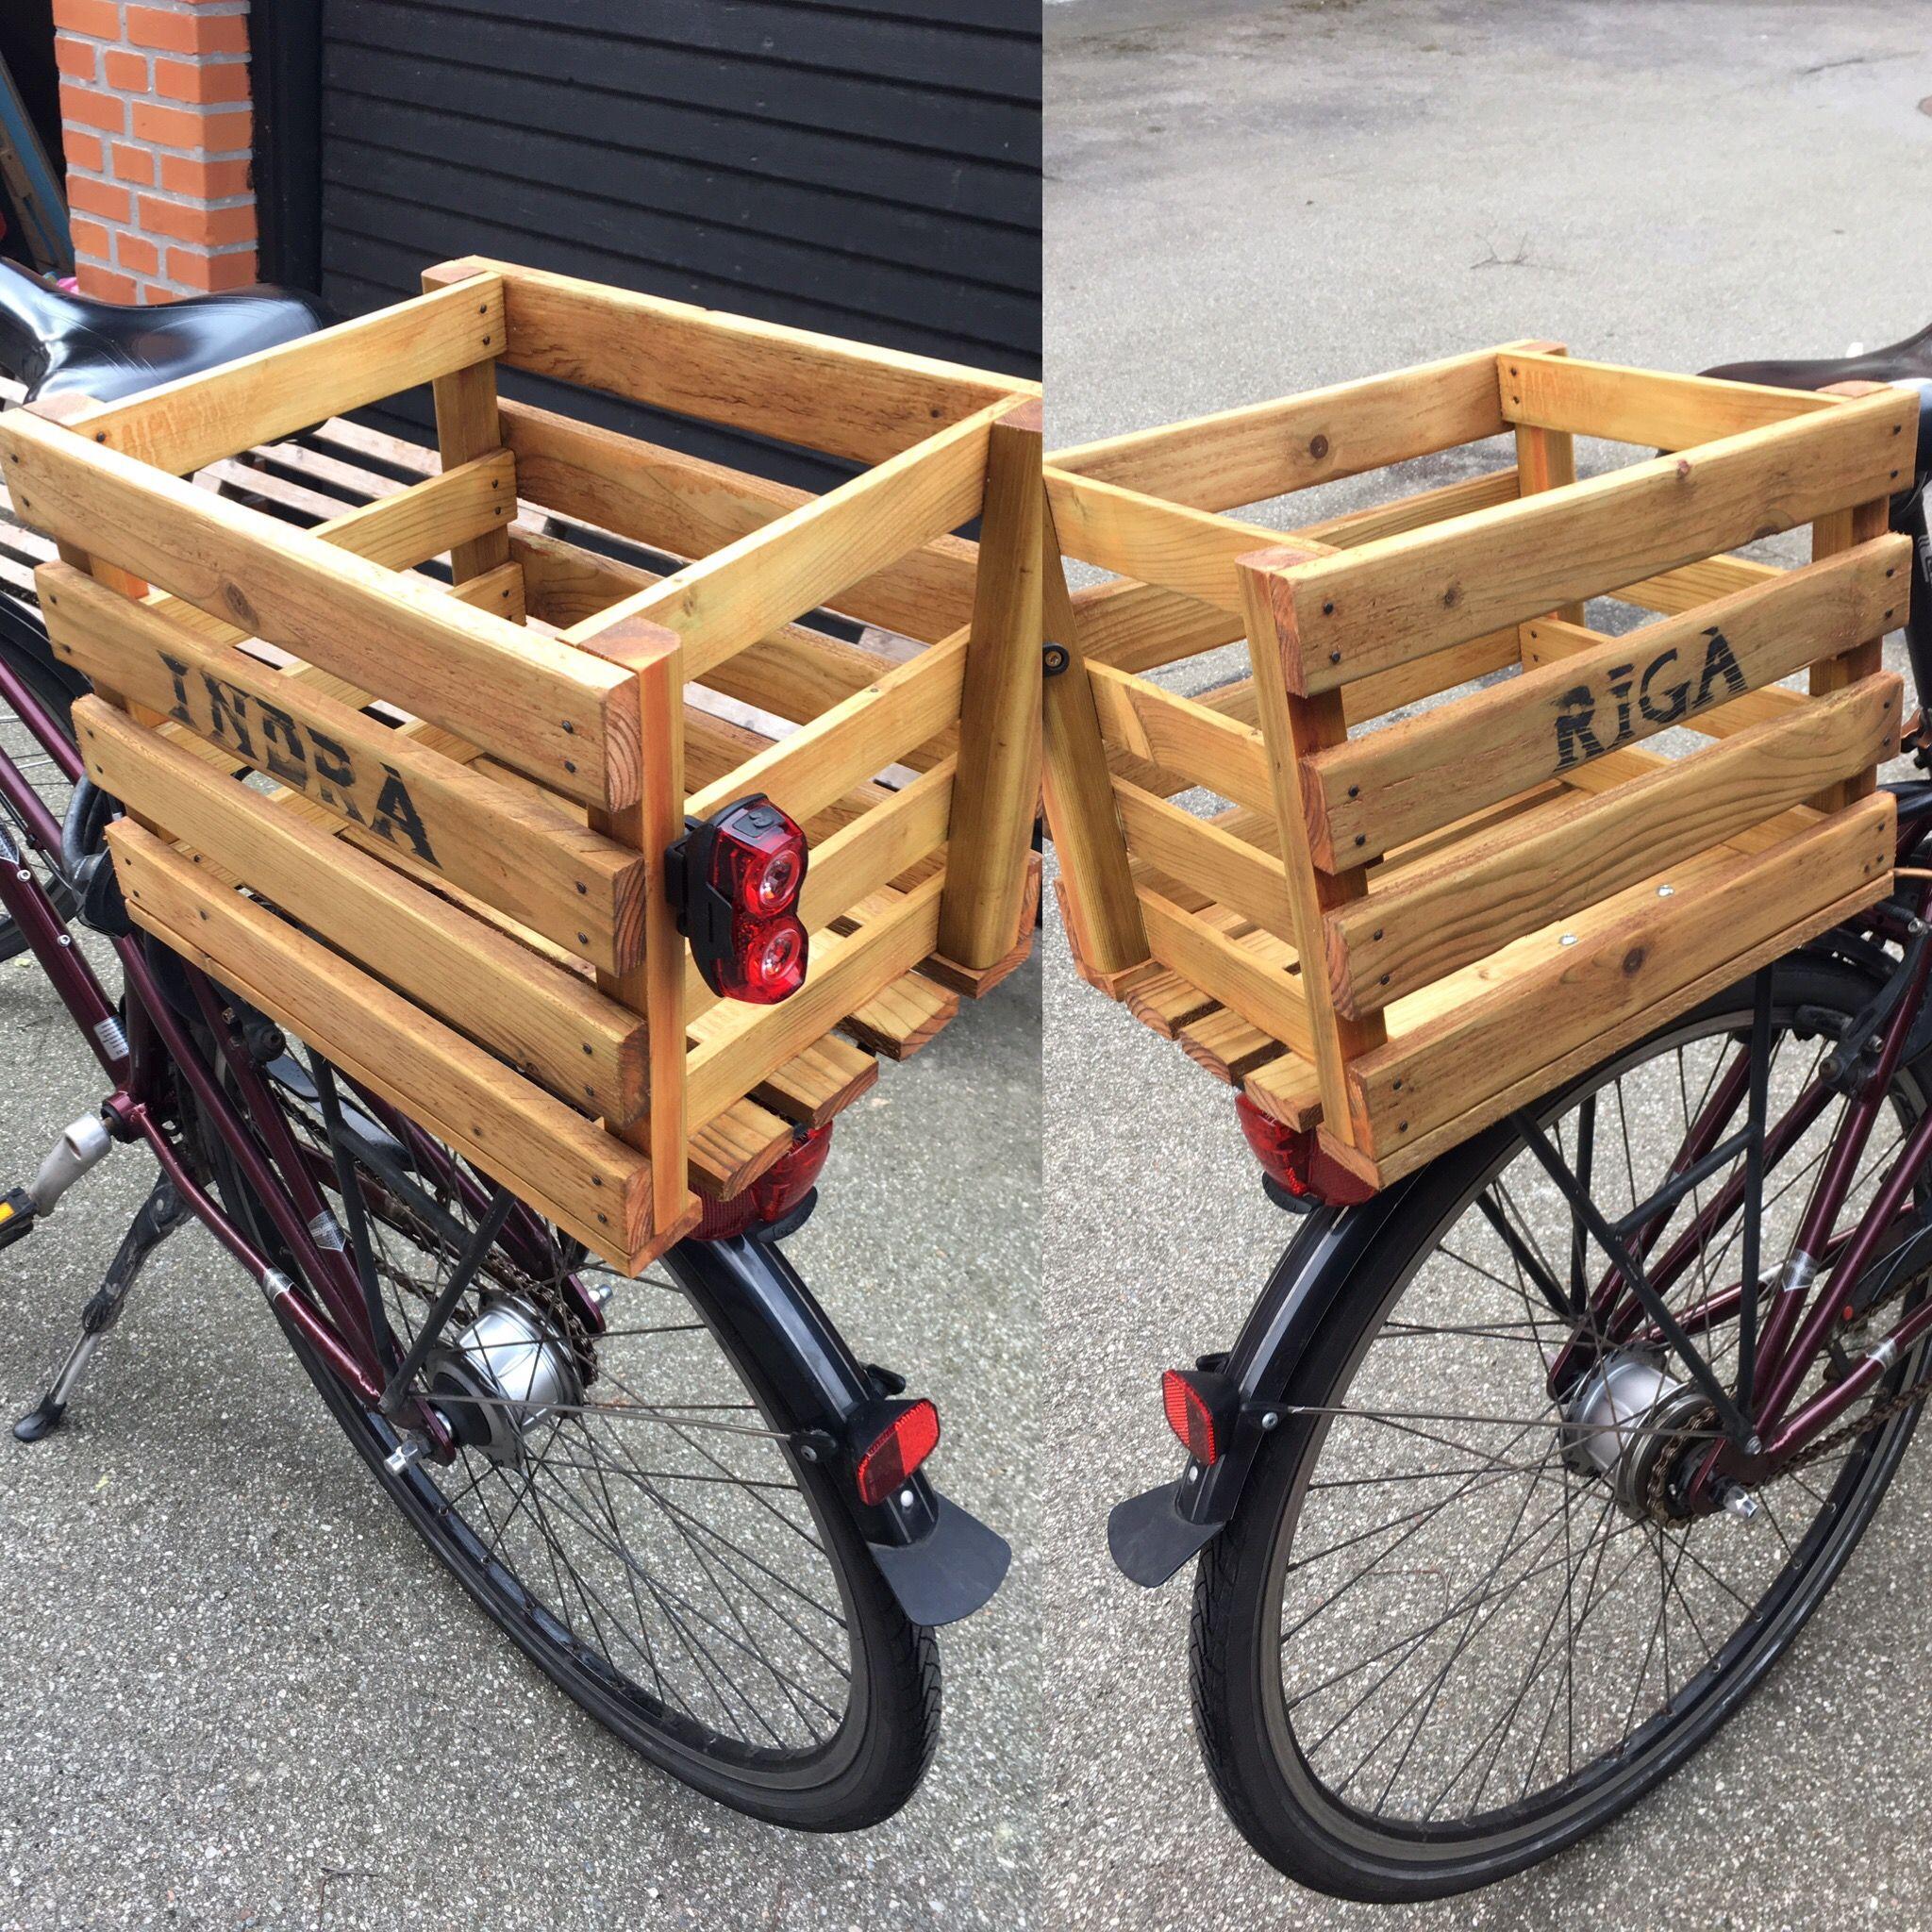 Cykelkassen til Indra blev officielt indviet og monteret. #cykelkasse #indra #riga #dyhrdesign #genbrug #næstengratis